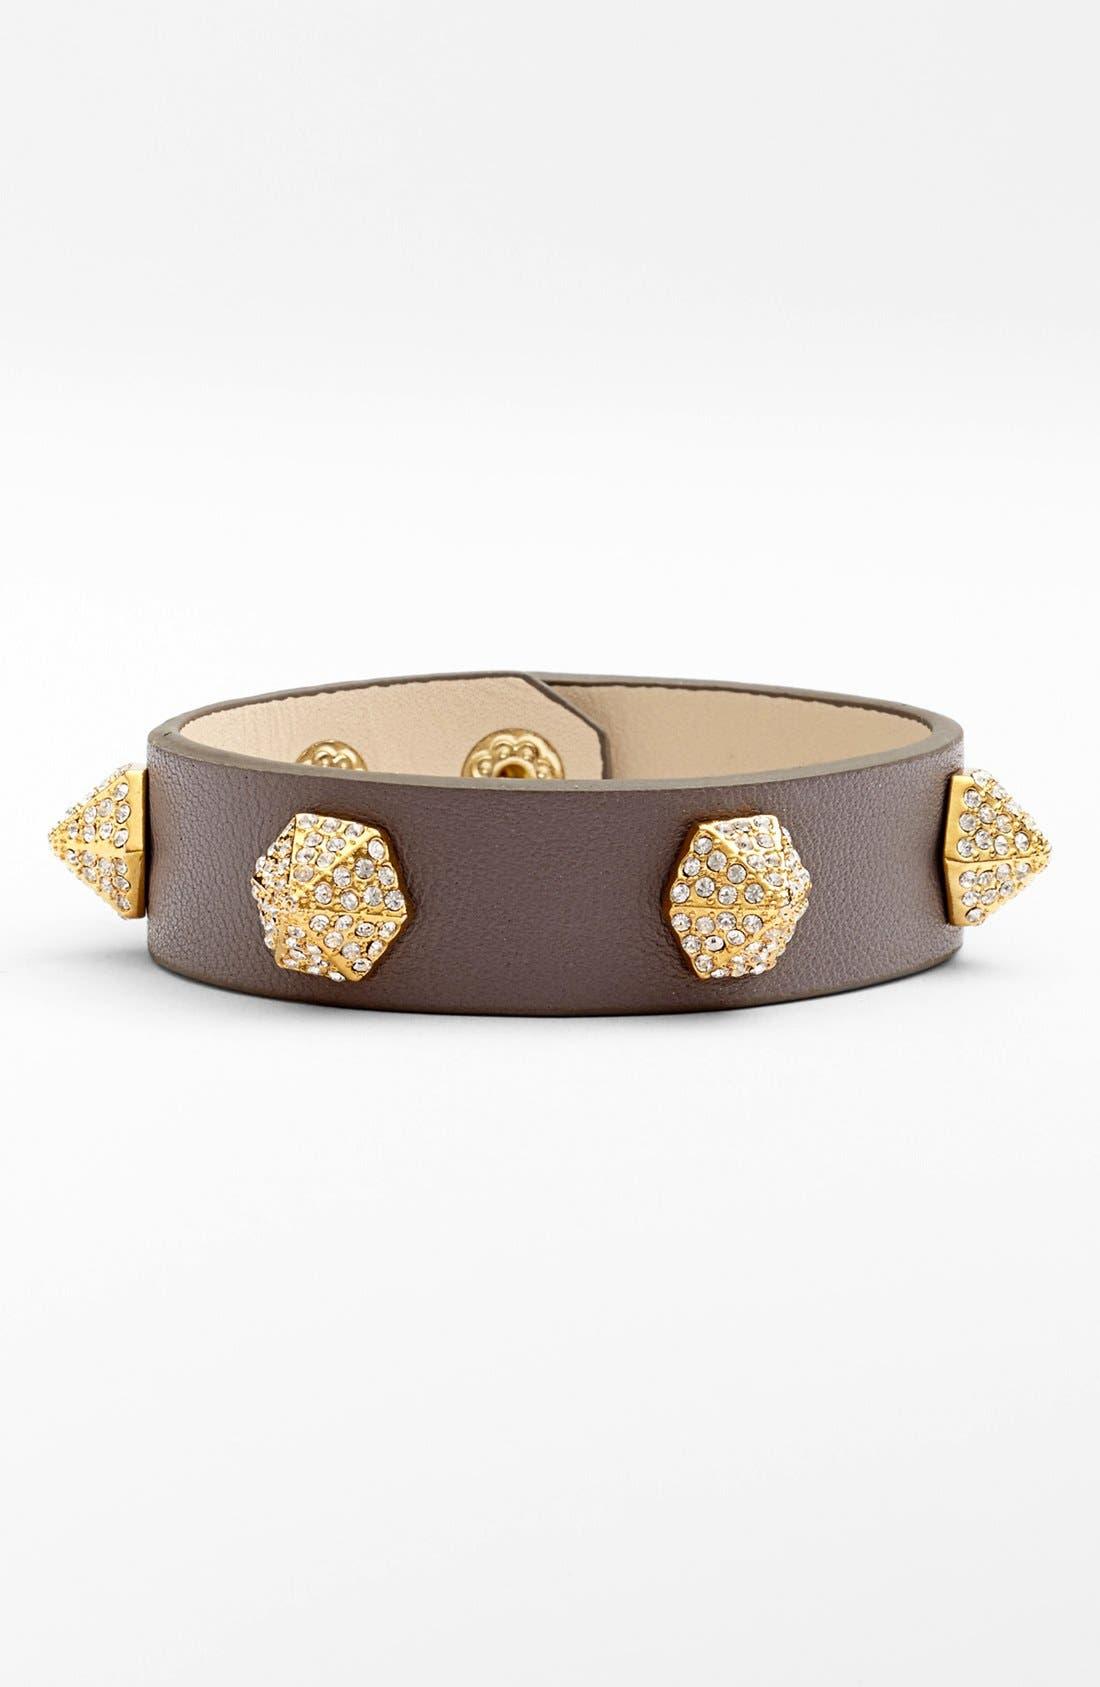 Alternate Image 1 Selected - Vince Camuto Crystal Pavé Studded Leather Bracelet